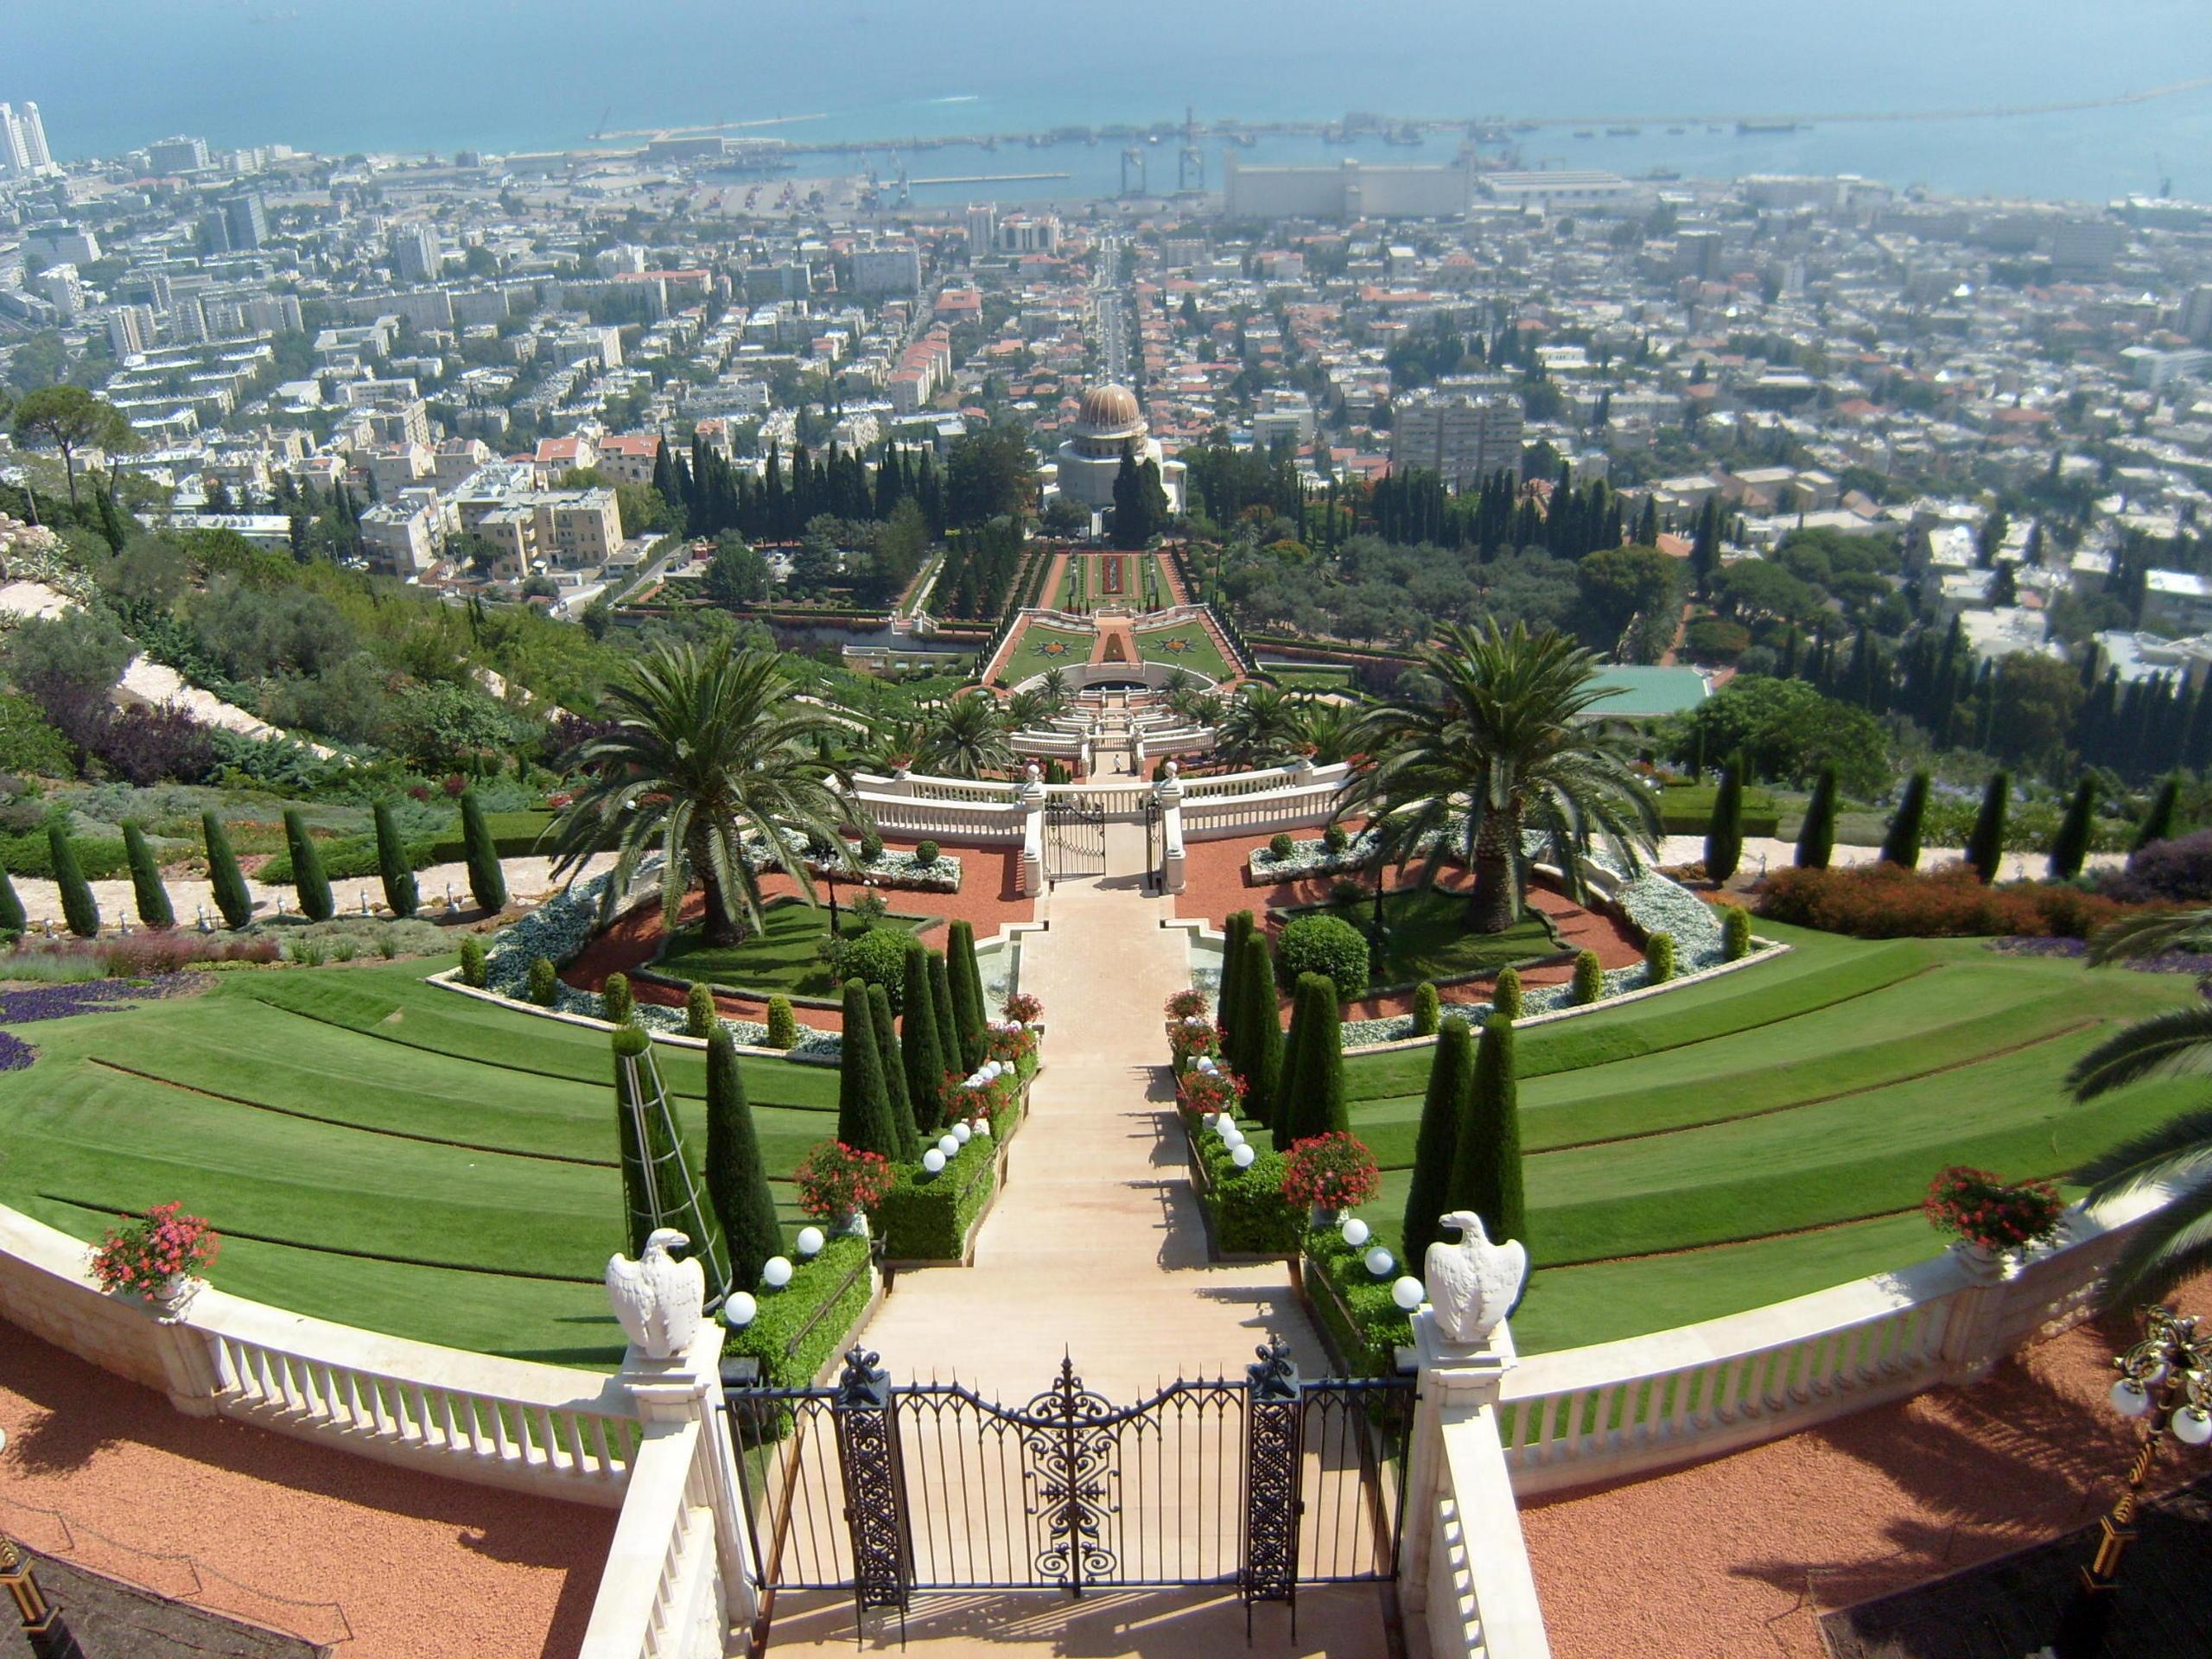 Haifa-israel-8755301-2560-1920